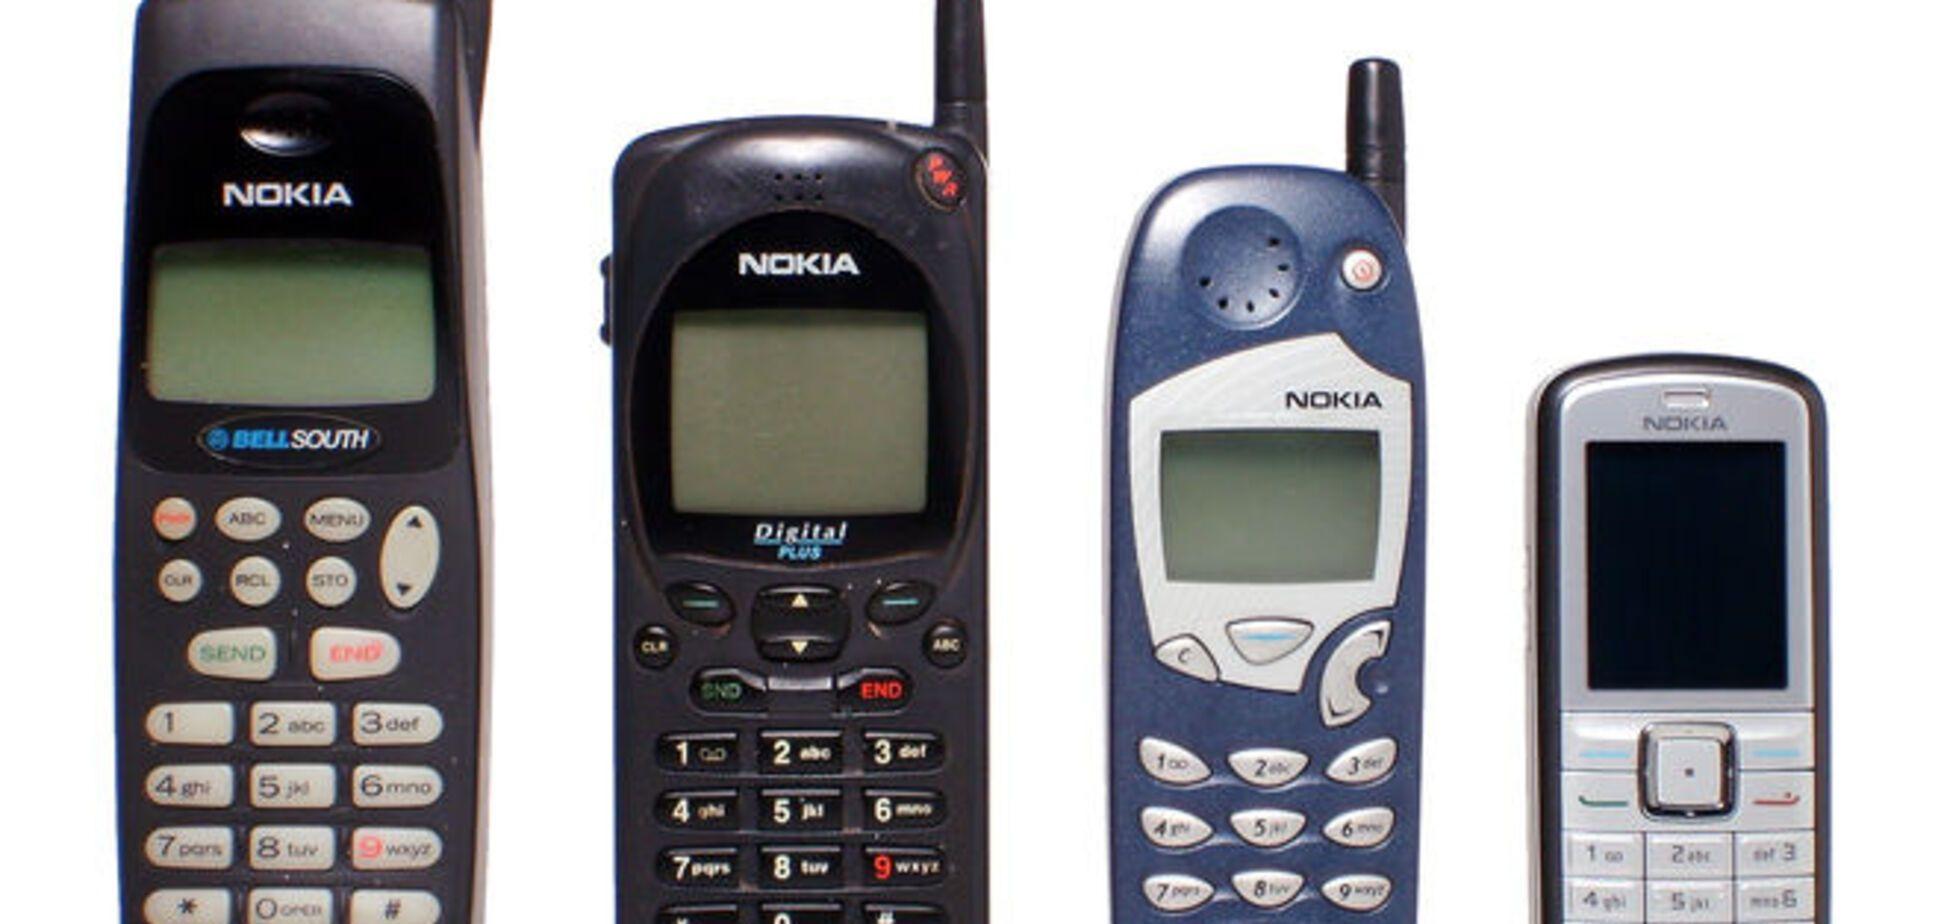 Жива легенда: Nokia повідомила про дату виходу нового смартфона